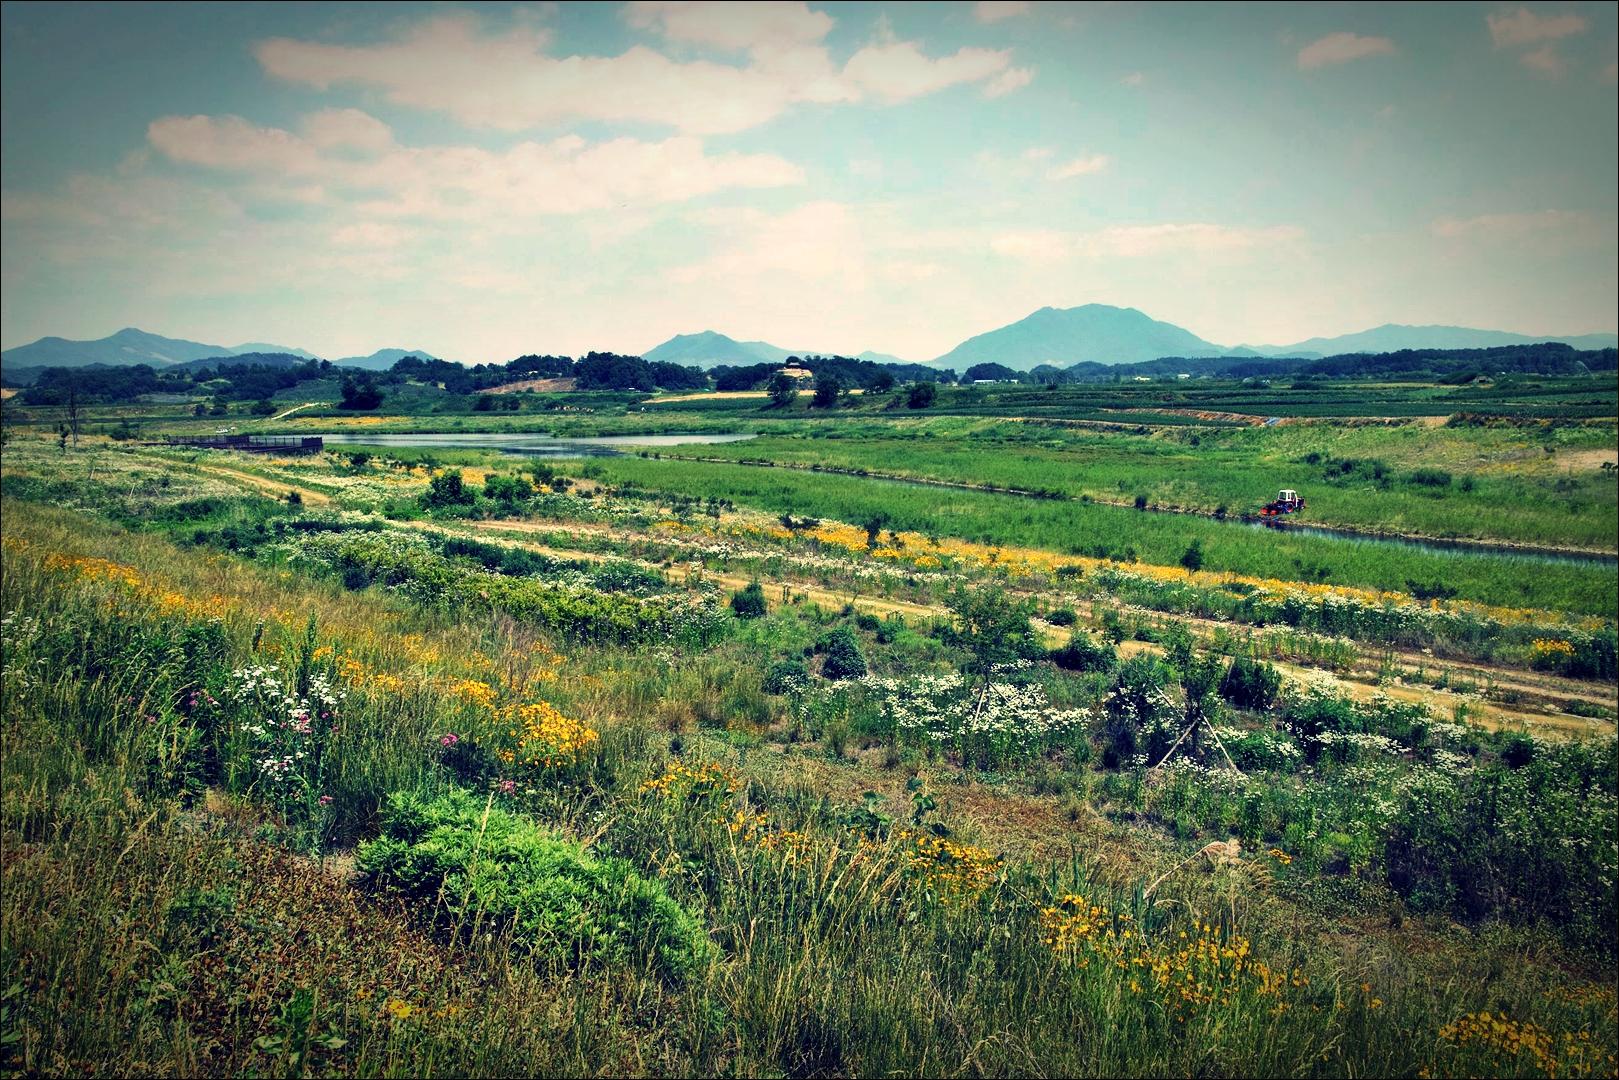 꽃판-'남한강 자전거 종주 Bike Riding Namhan river Korea'